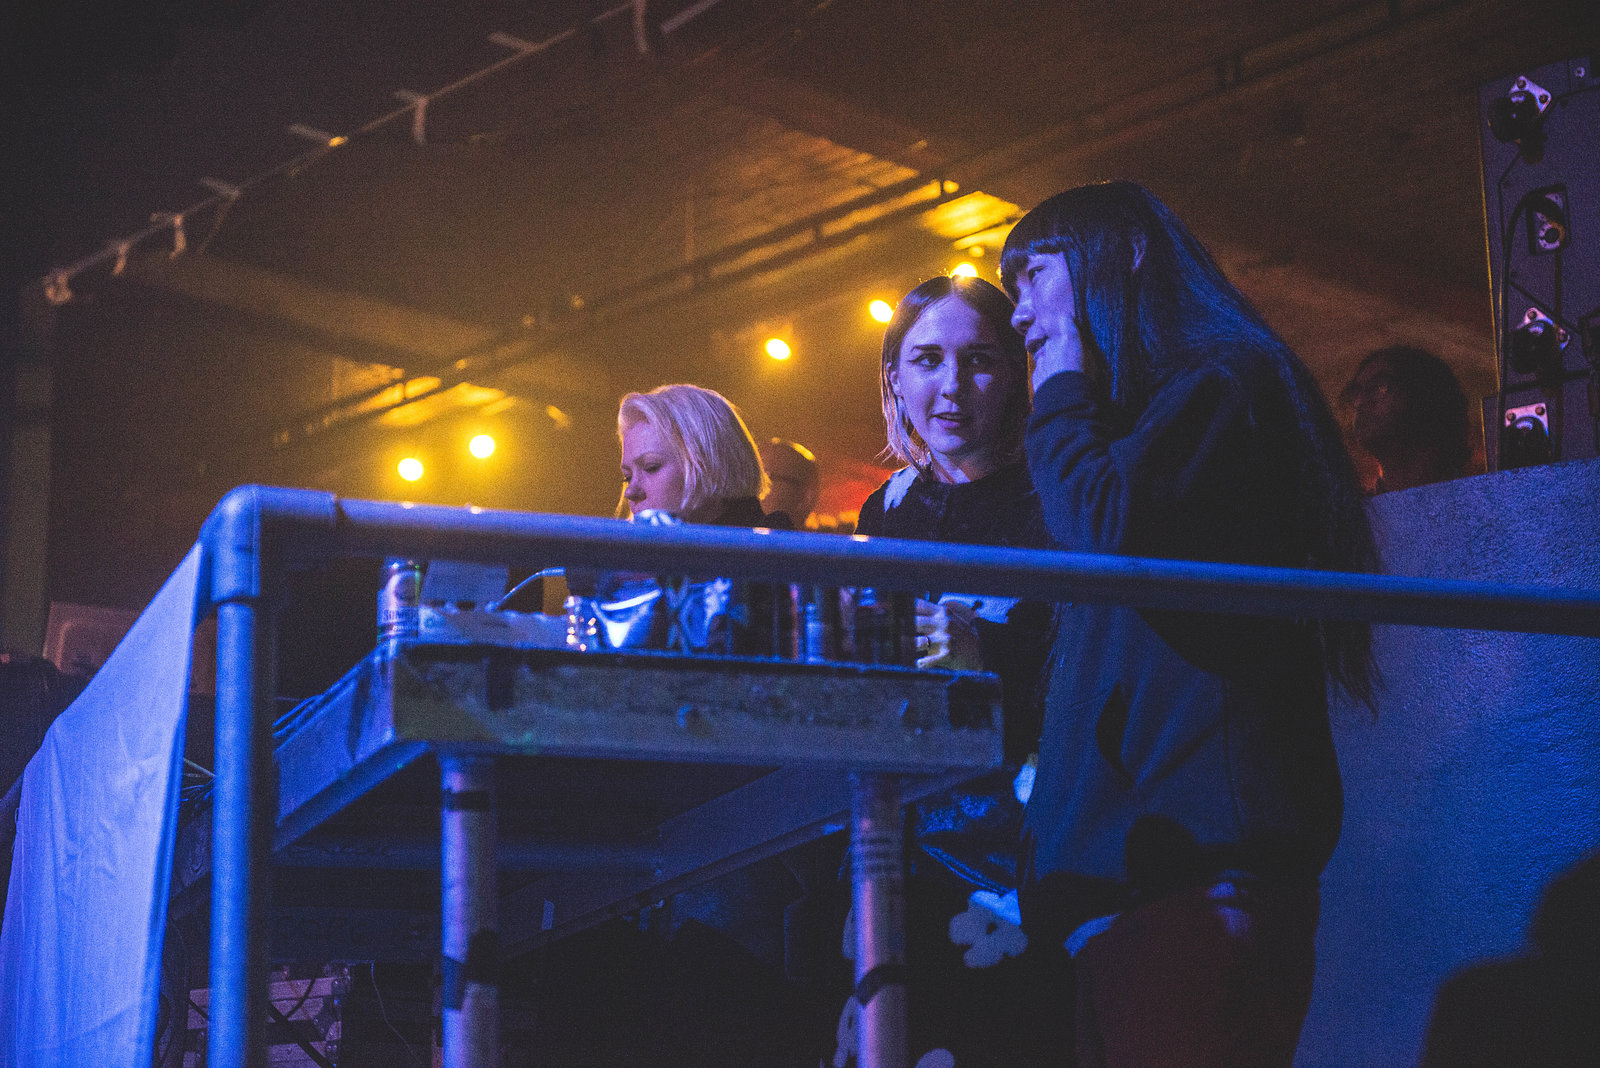 Pins and Bo Ningen DJing at The Coronet, November 2017